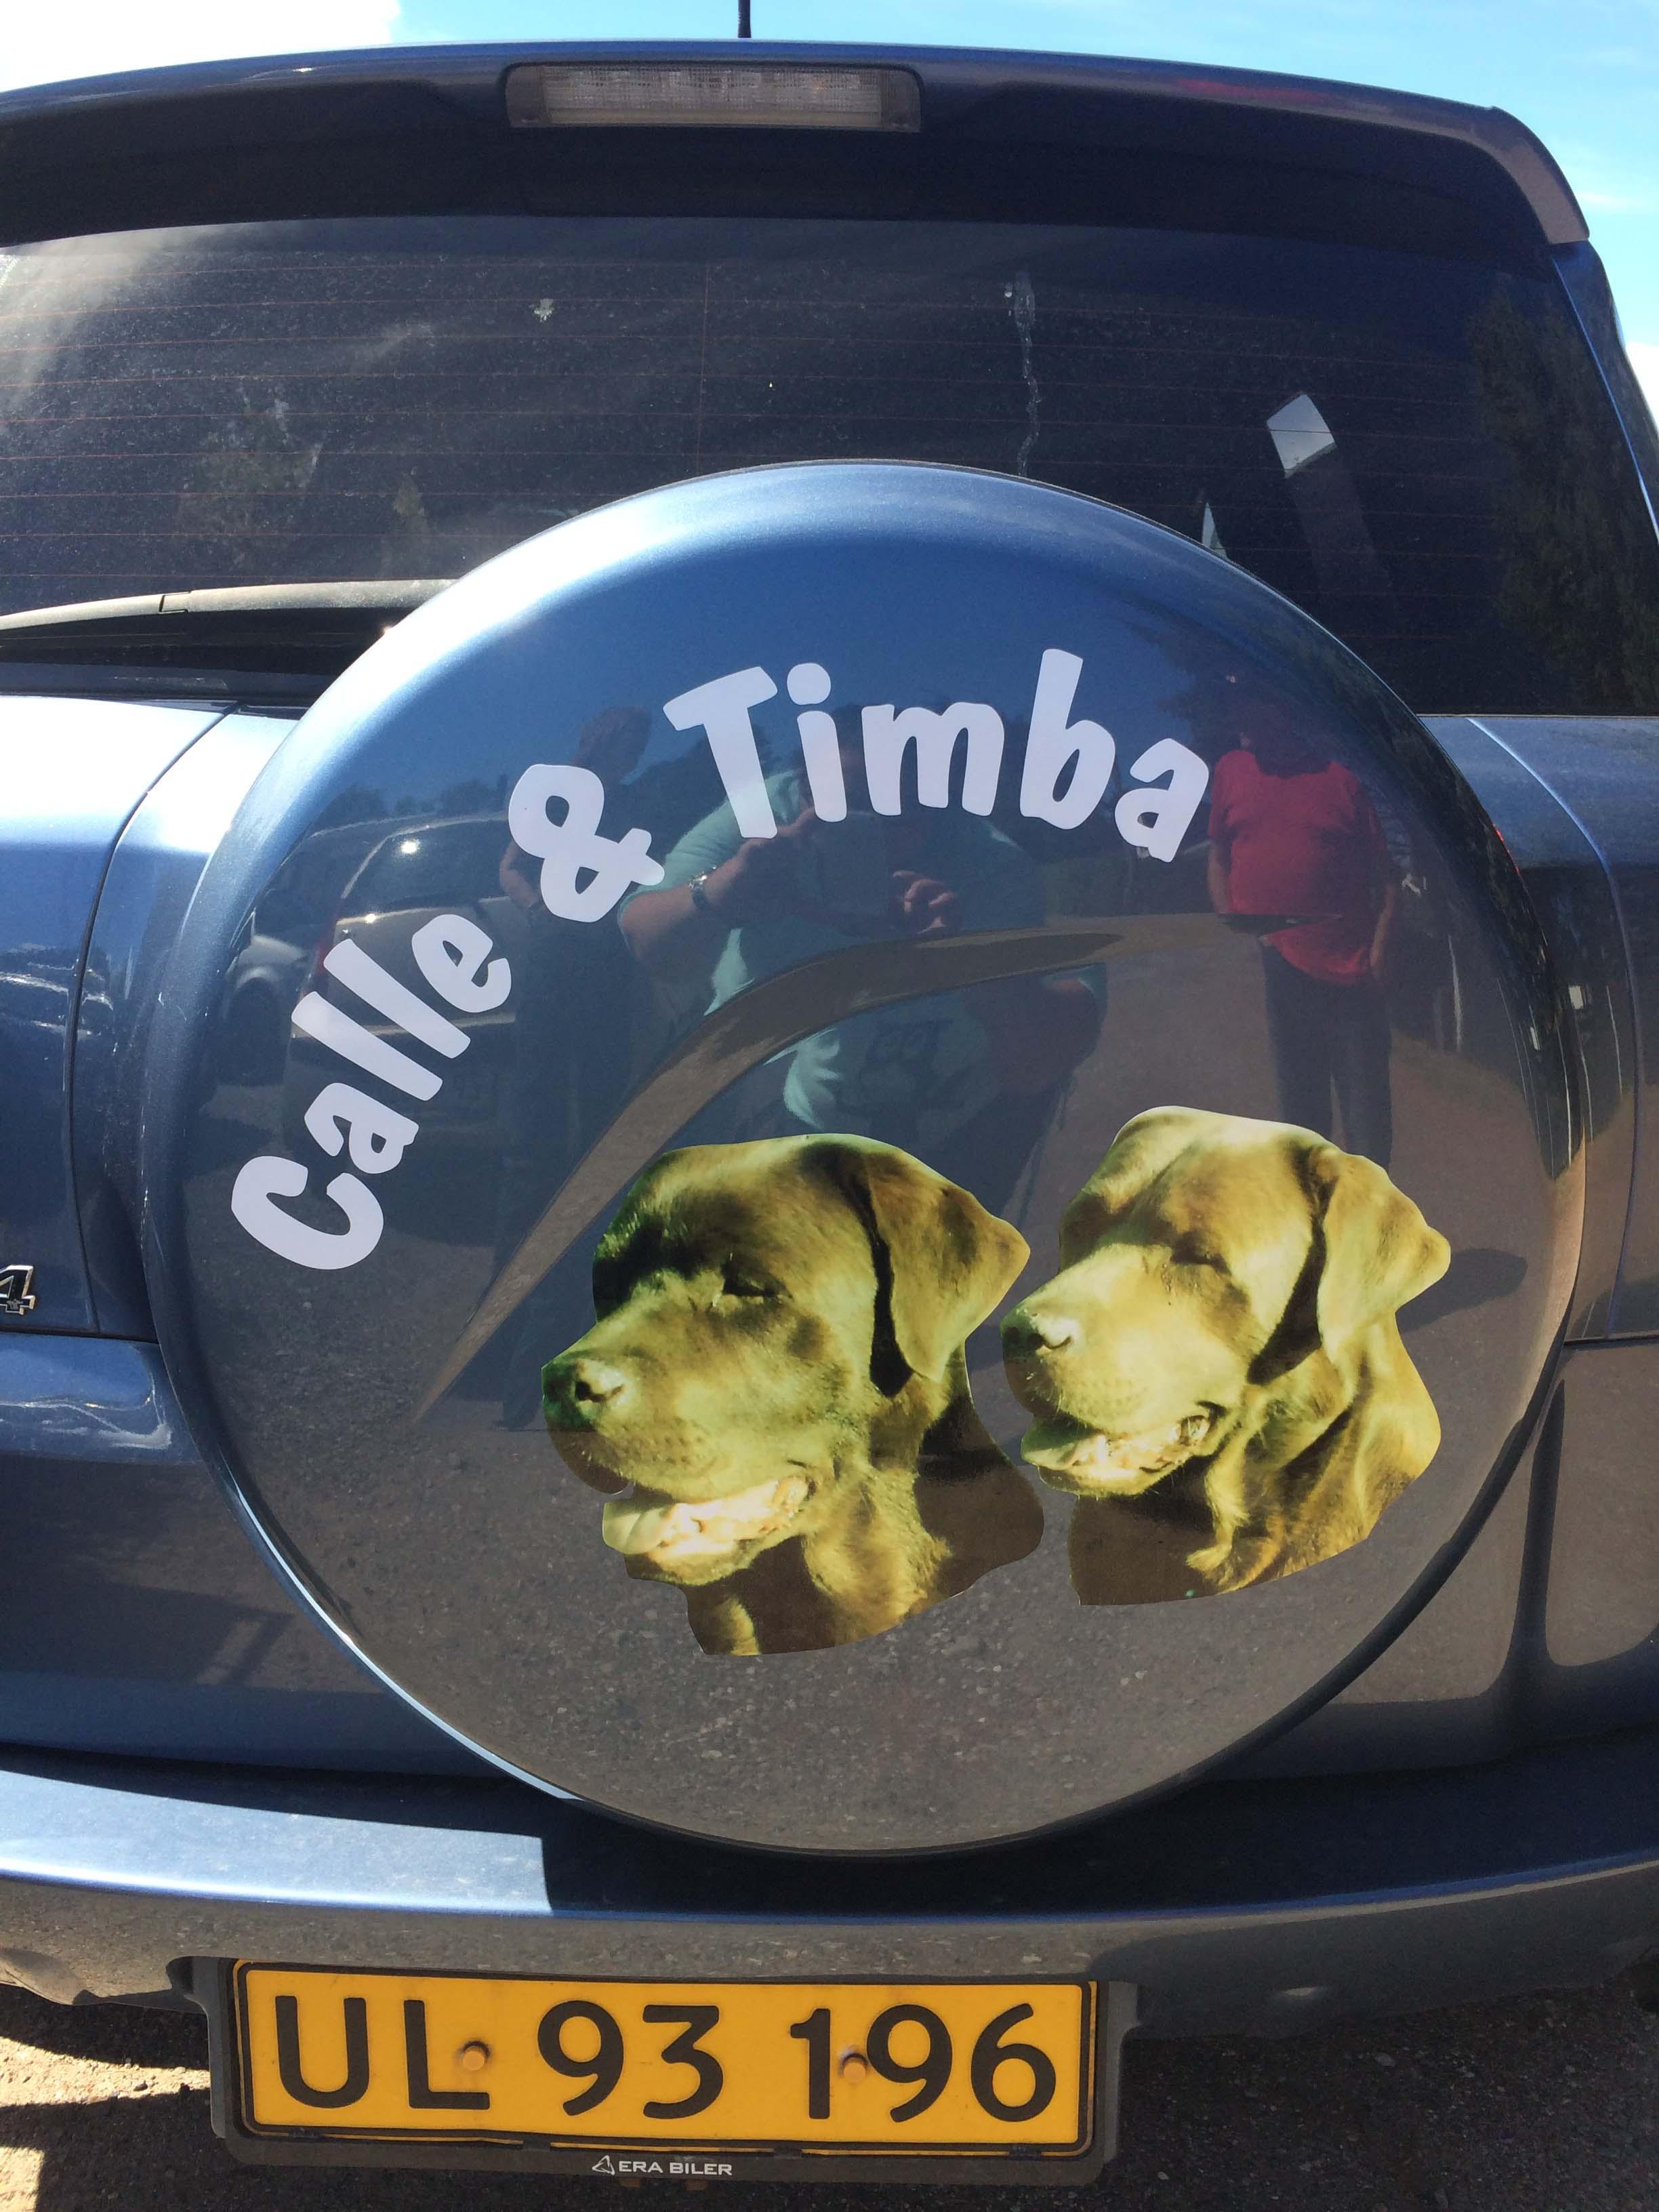 Calle og Timba